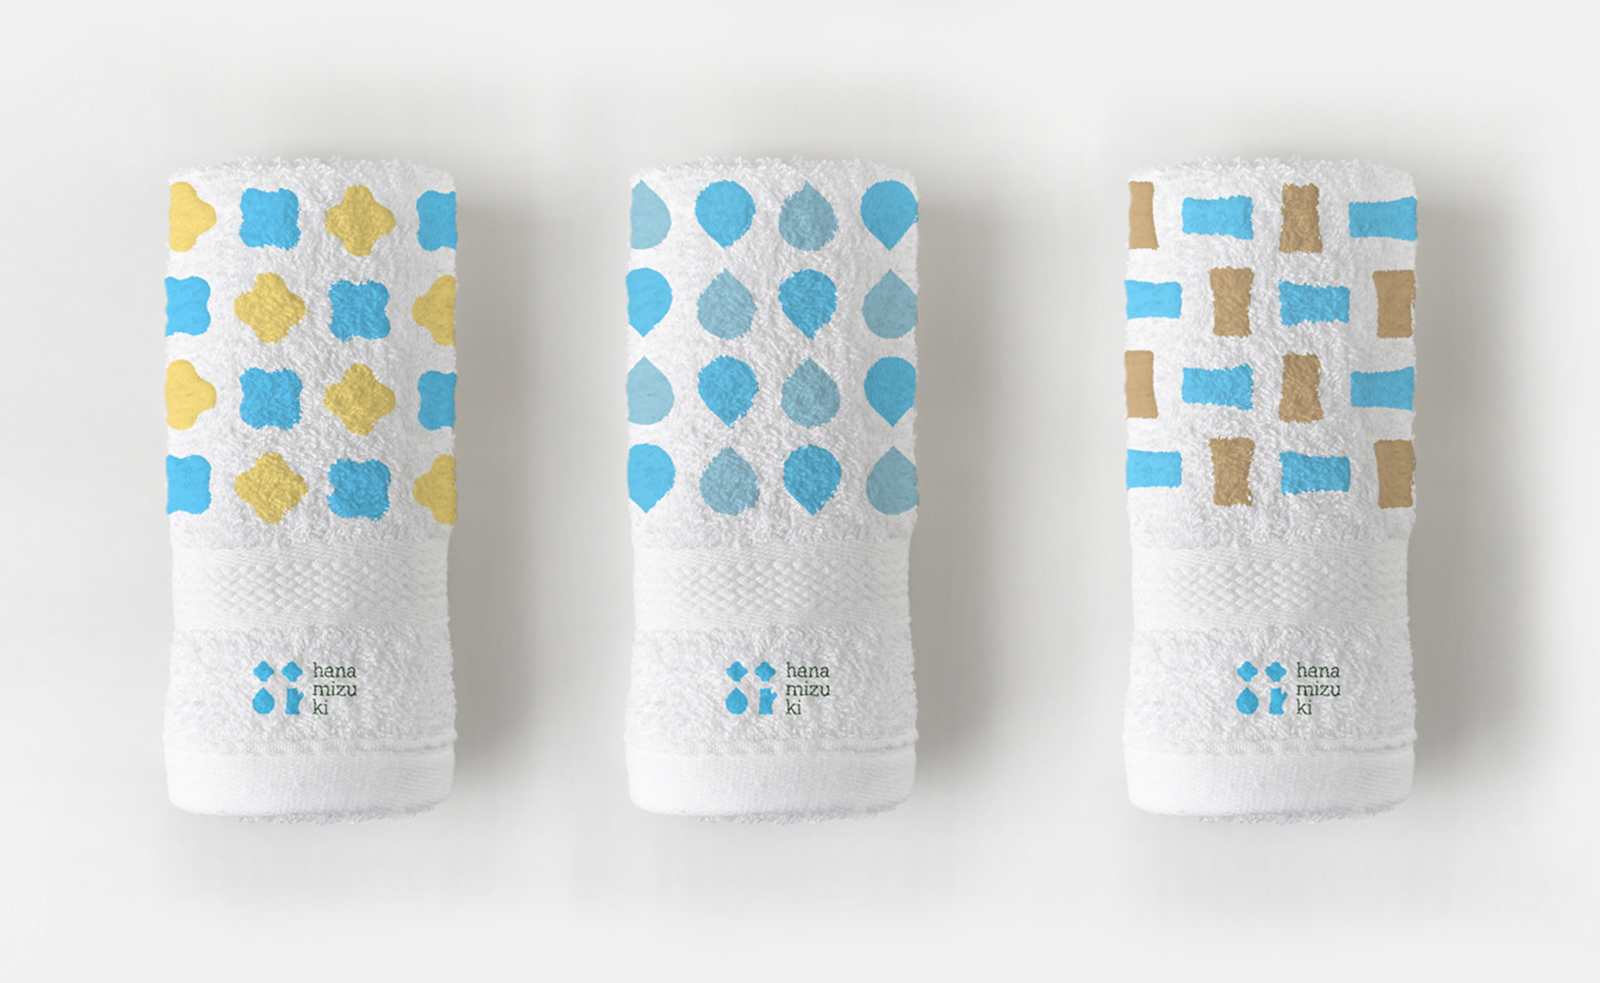 花水木居家清洁用品品牌形象设计欣赏-深圳VI设计11